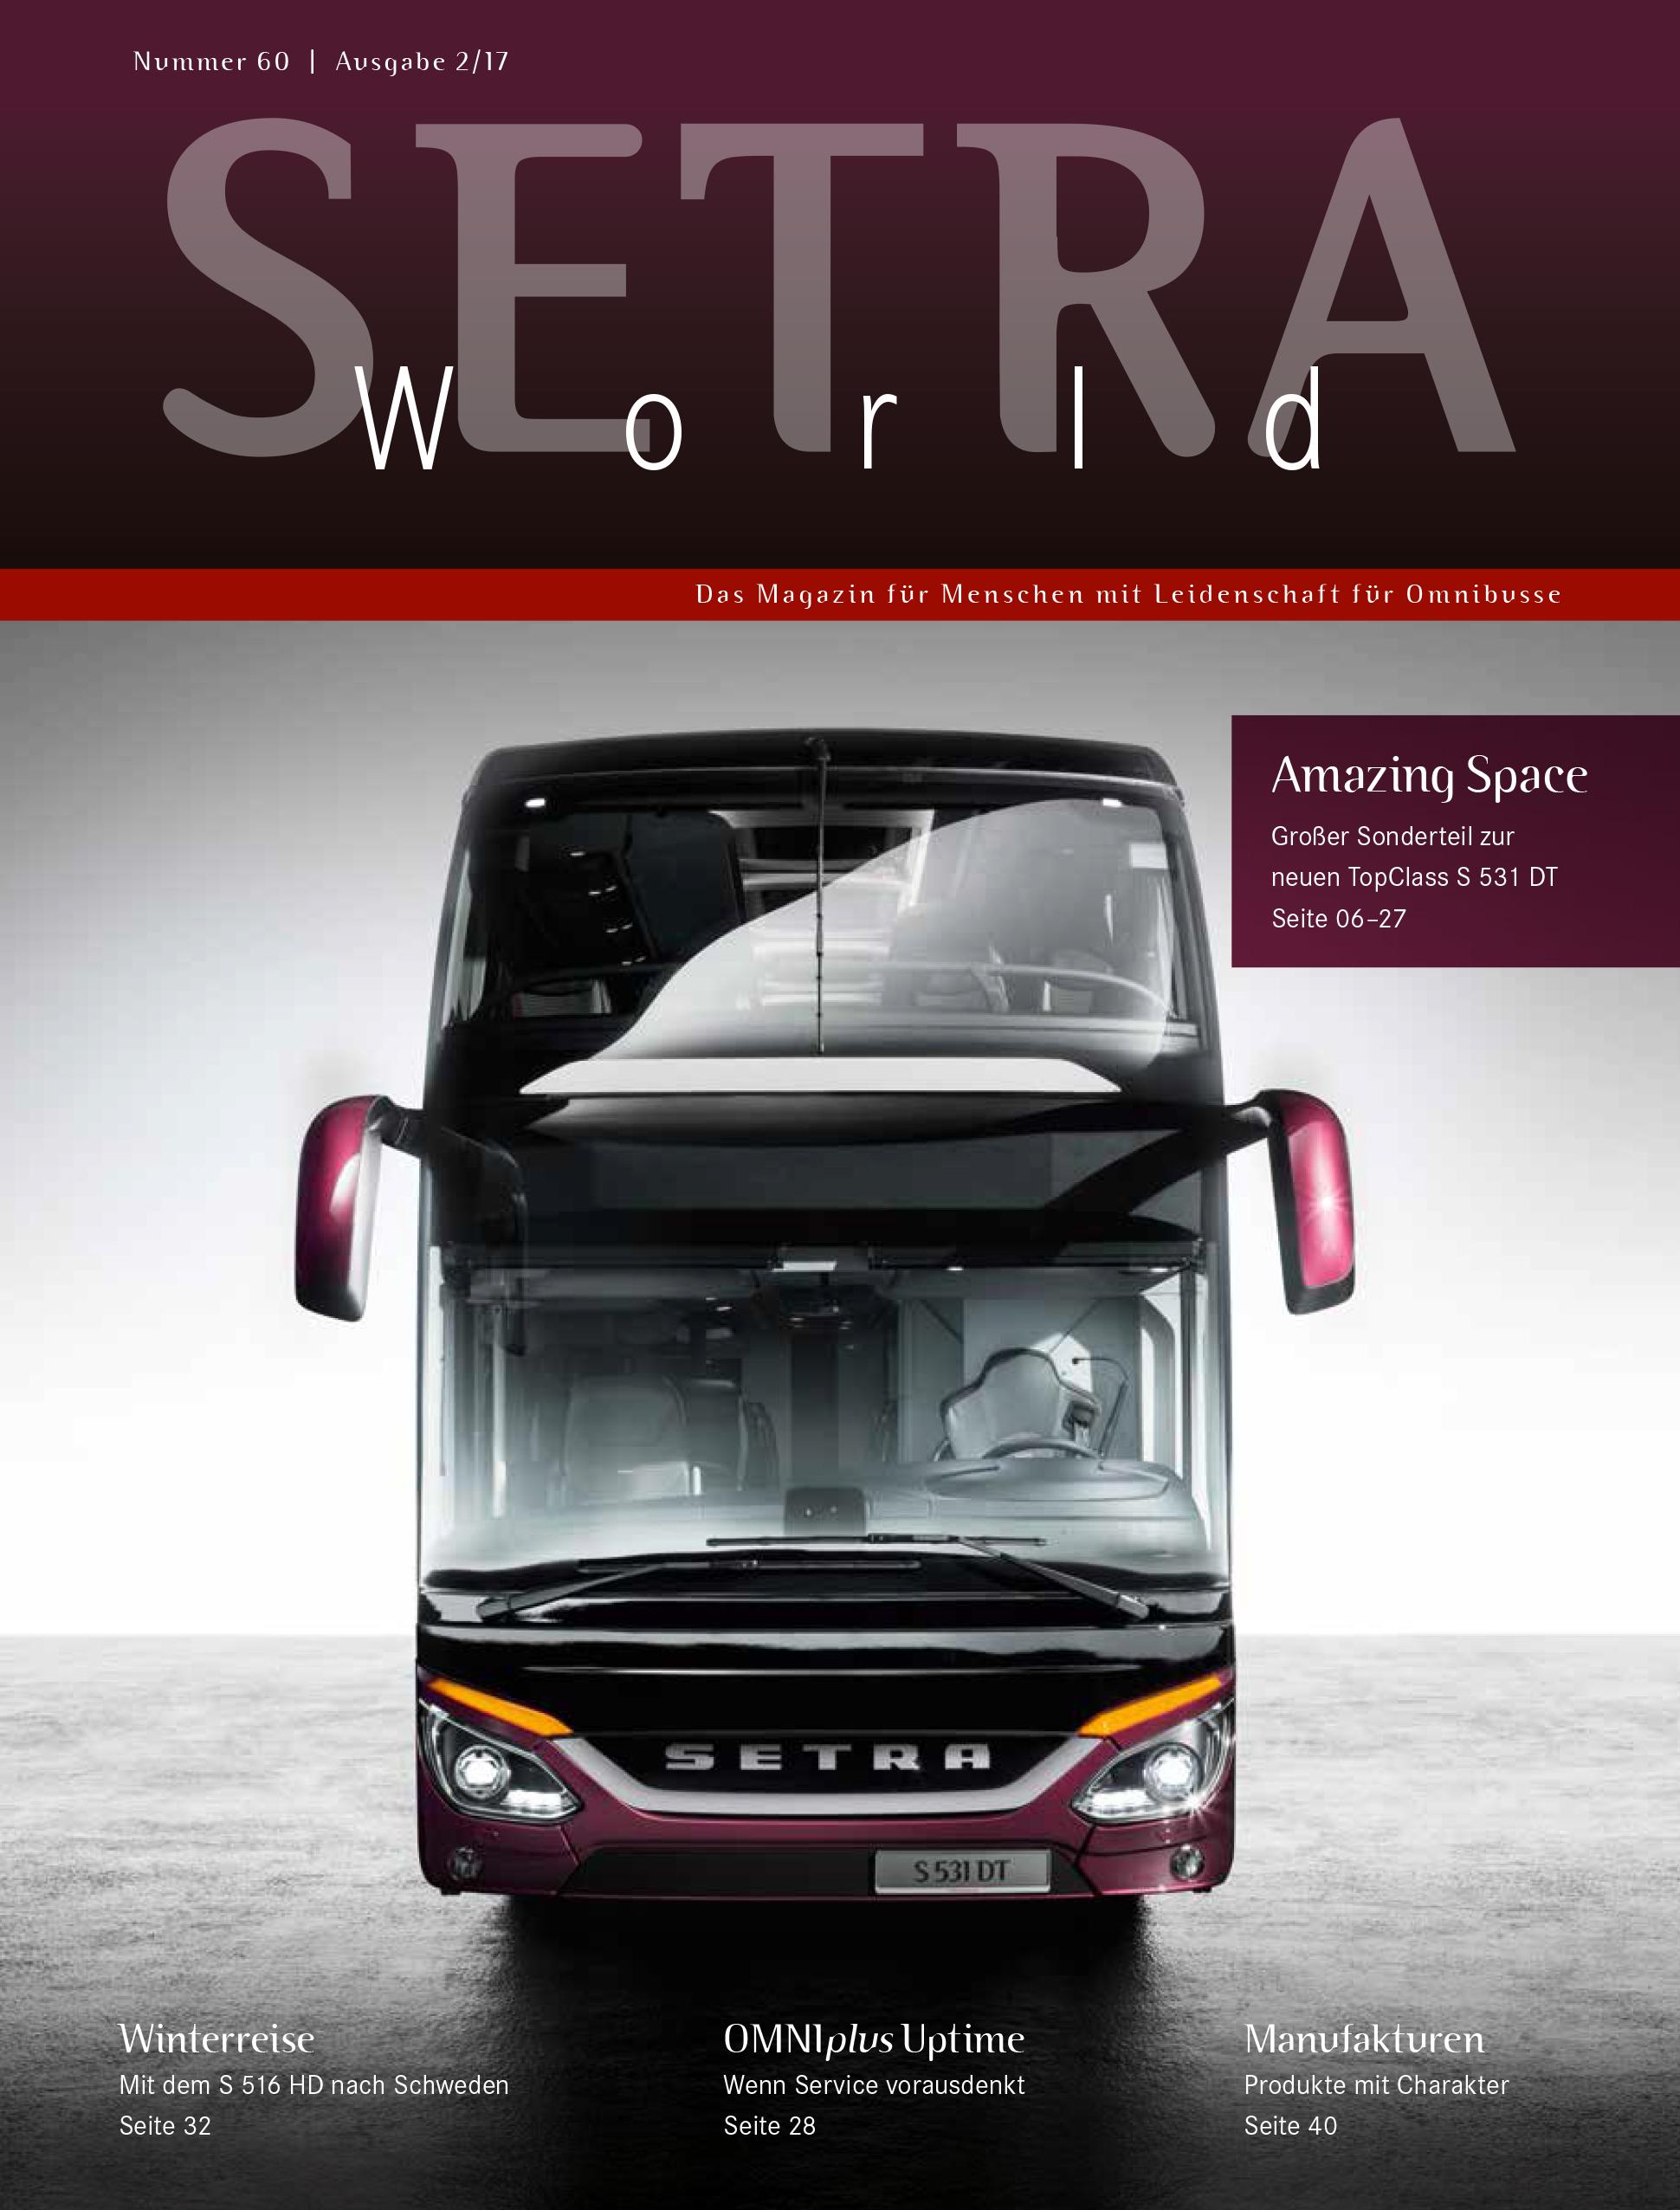 Setra World Kundenmagazin